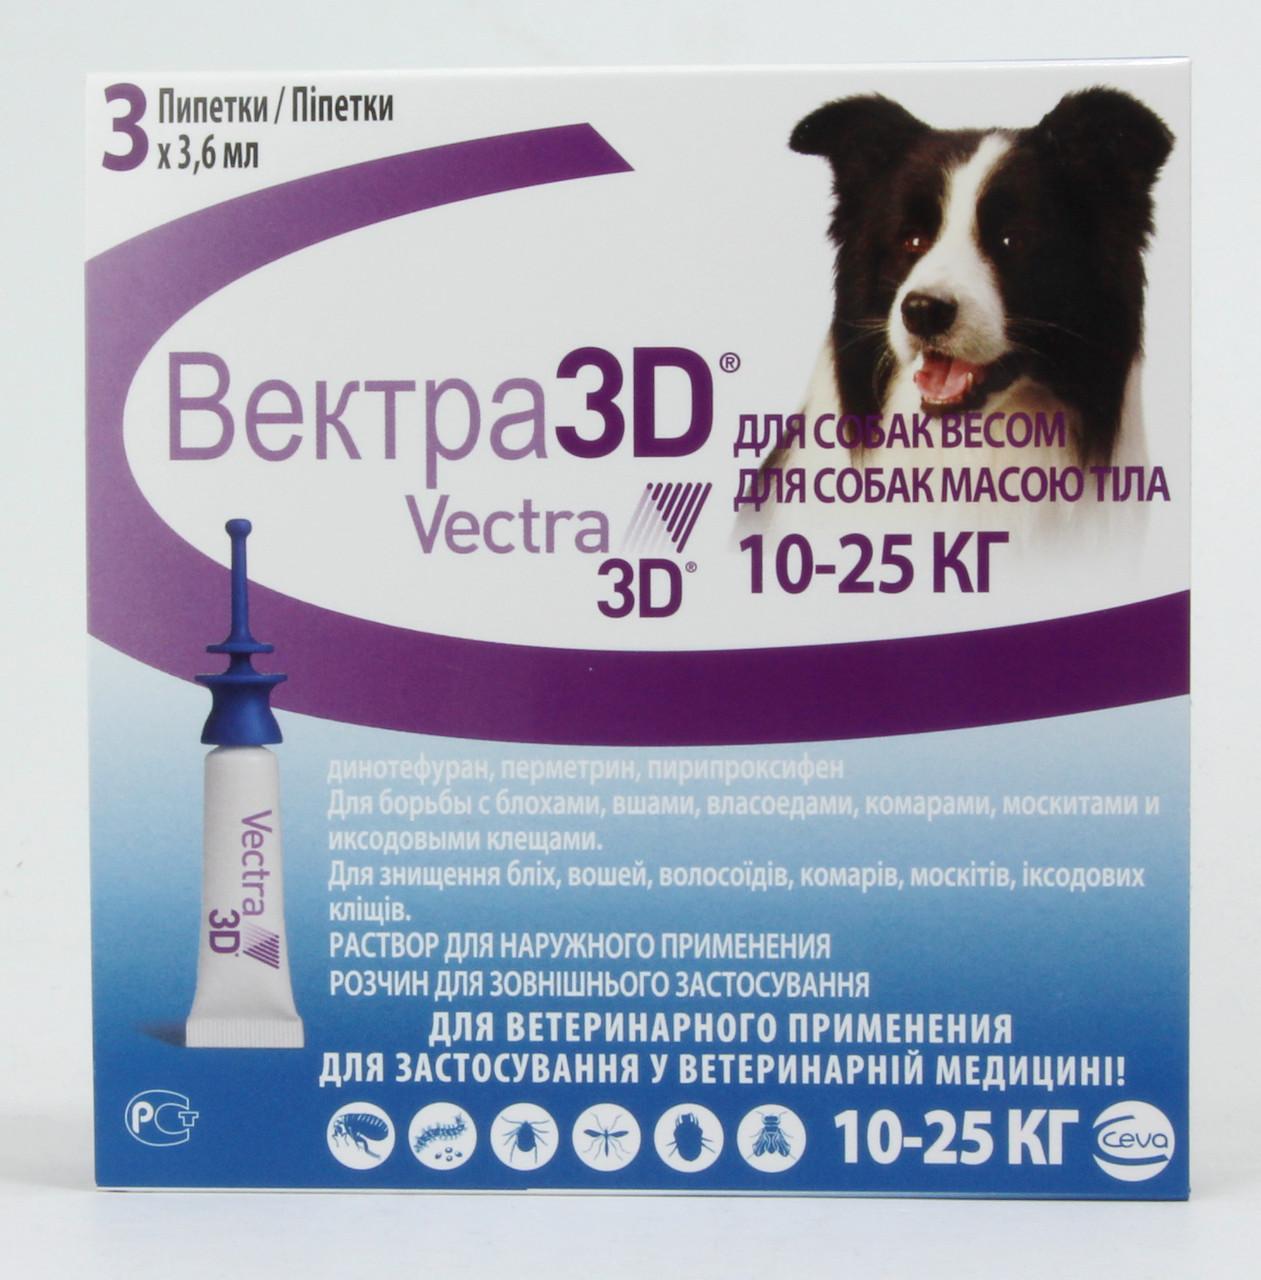 Вектра 3D инсектоакарицидные капли для собак весом 10-25 кг